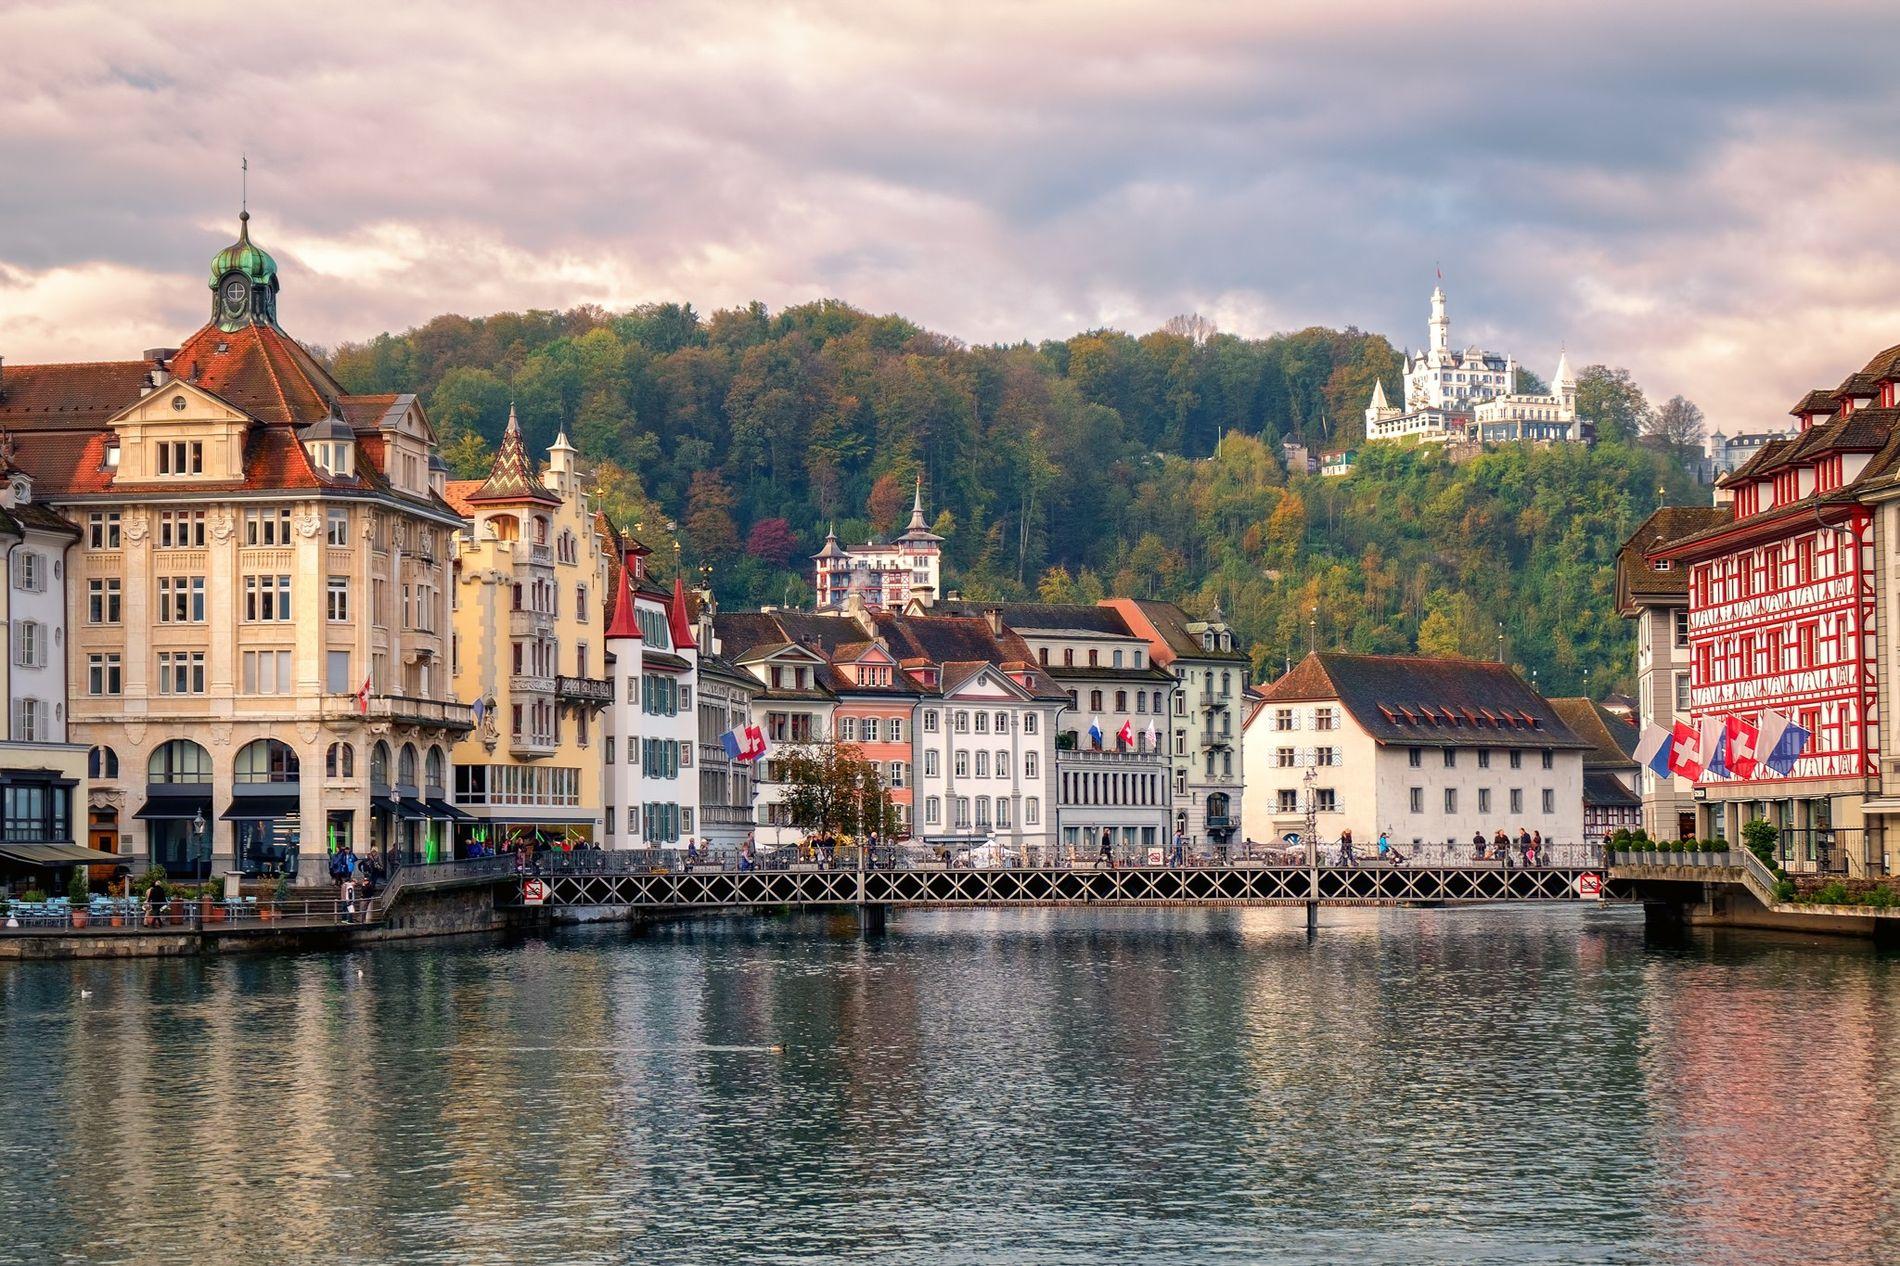 La vieille ville de Lucerne, Altstadt en allemand, surplombe la rivière Reuss.